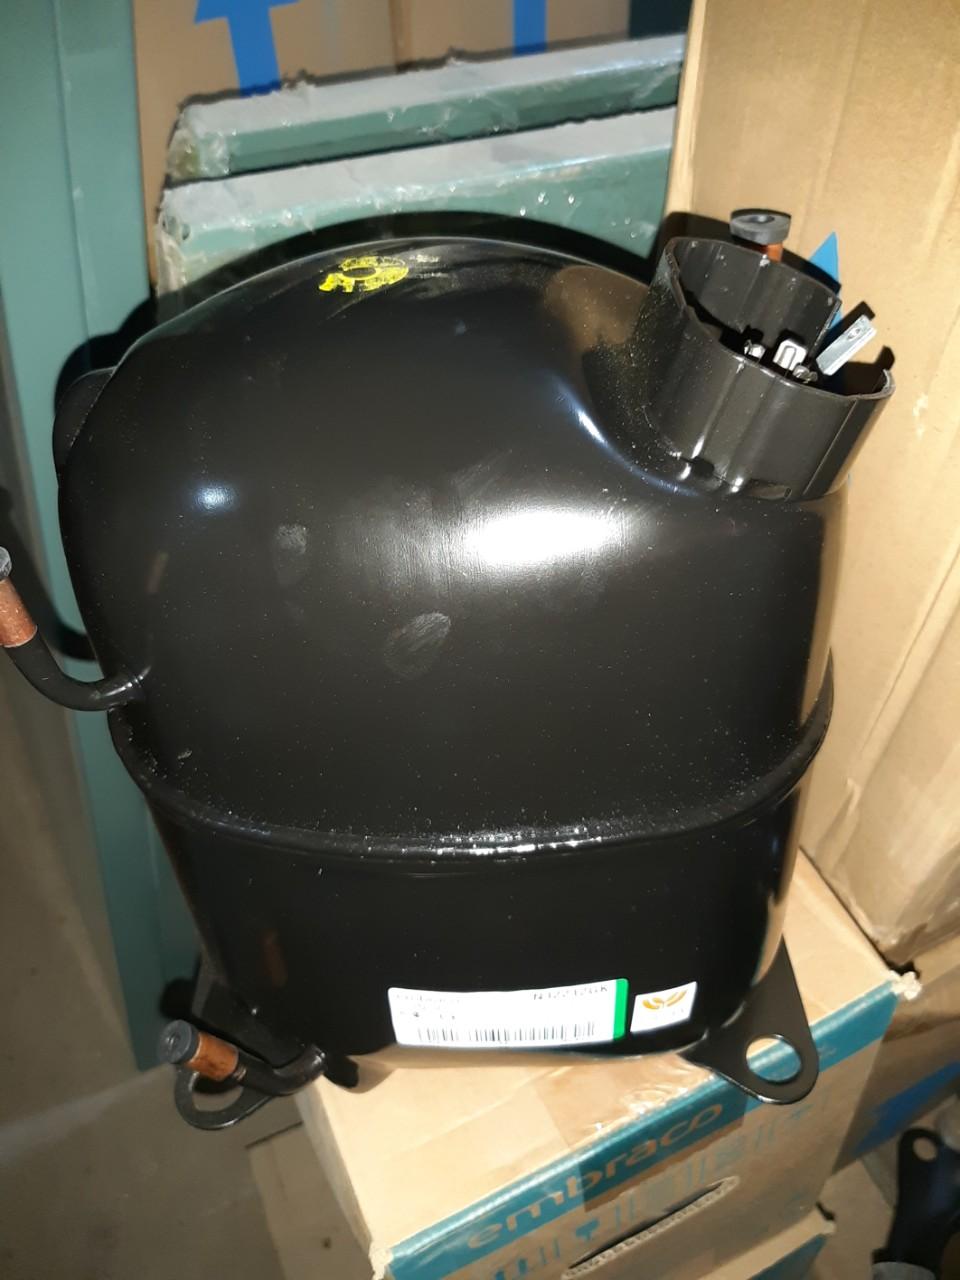 [HCM]Máy nén lạnh Emabrco NT 2192GK - block tủ lạnh và tủ đông